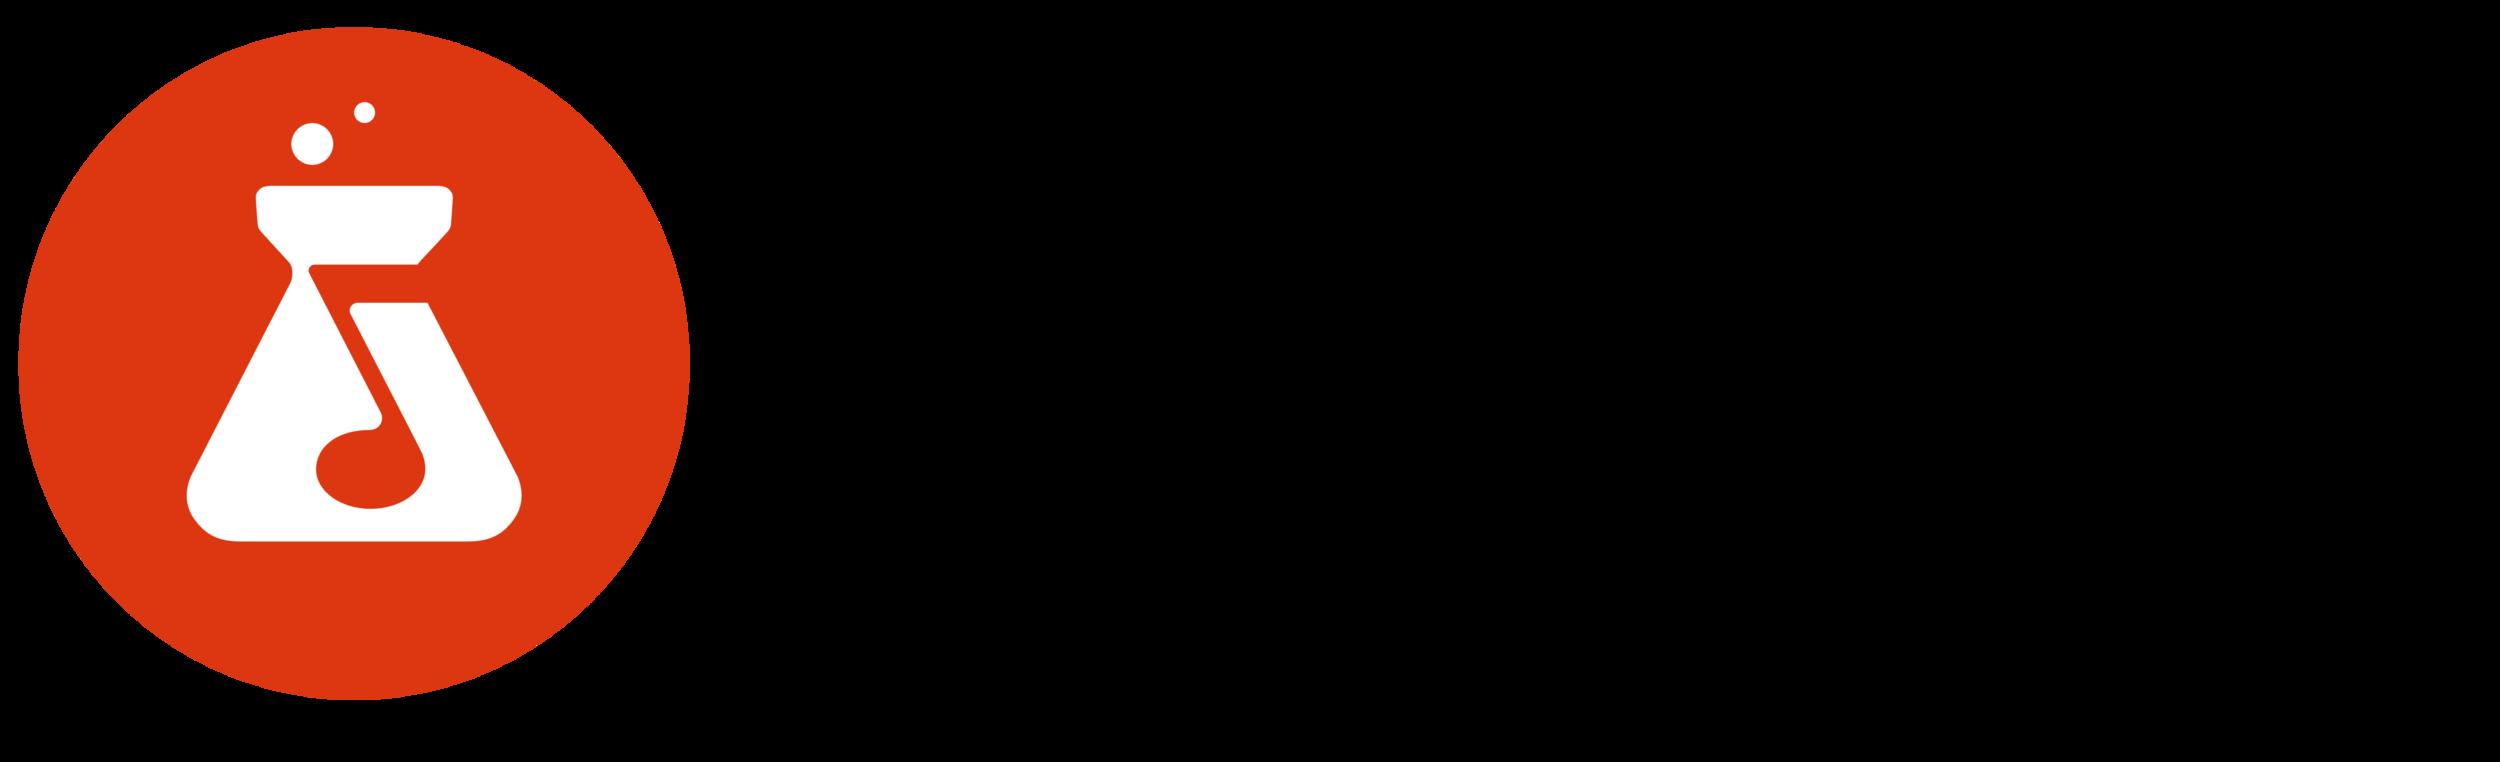 BandLab_logo.png